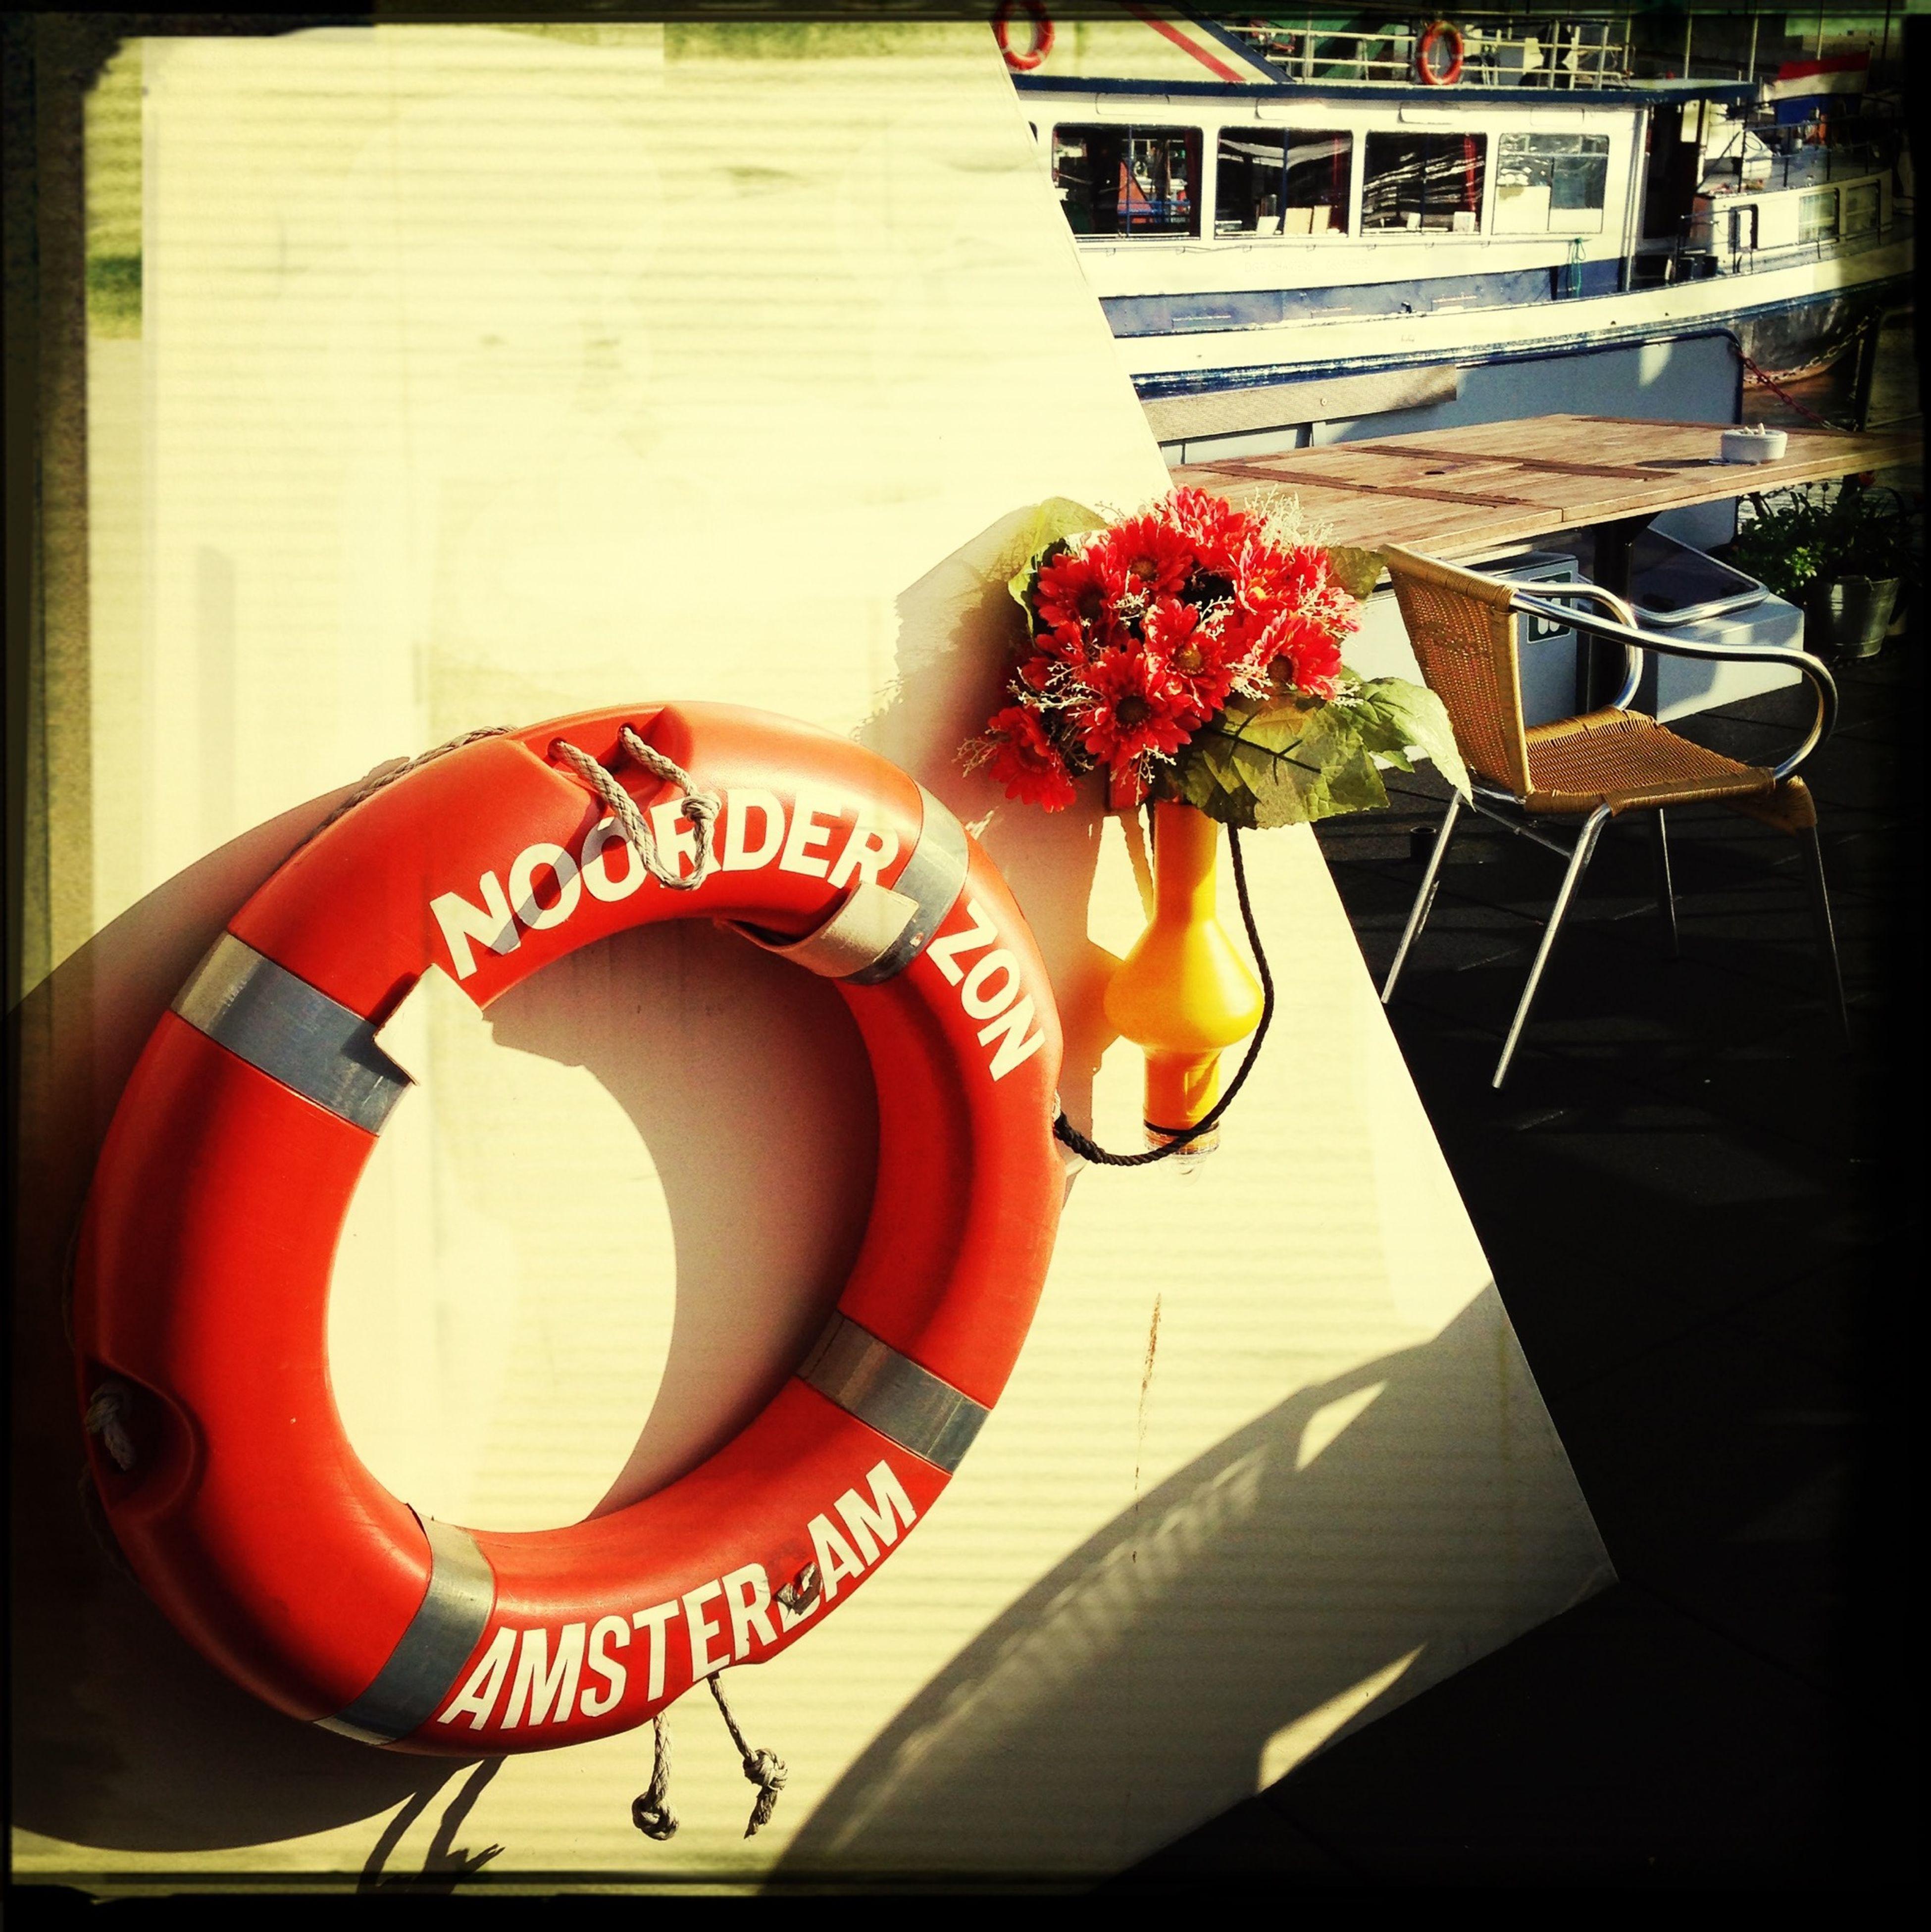 Rettungsring Orange Flowers On The Boat Orange By Motorola